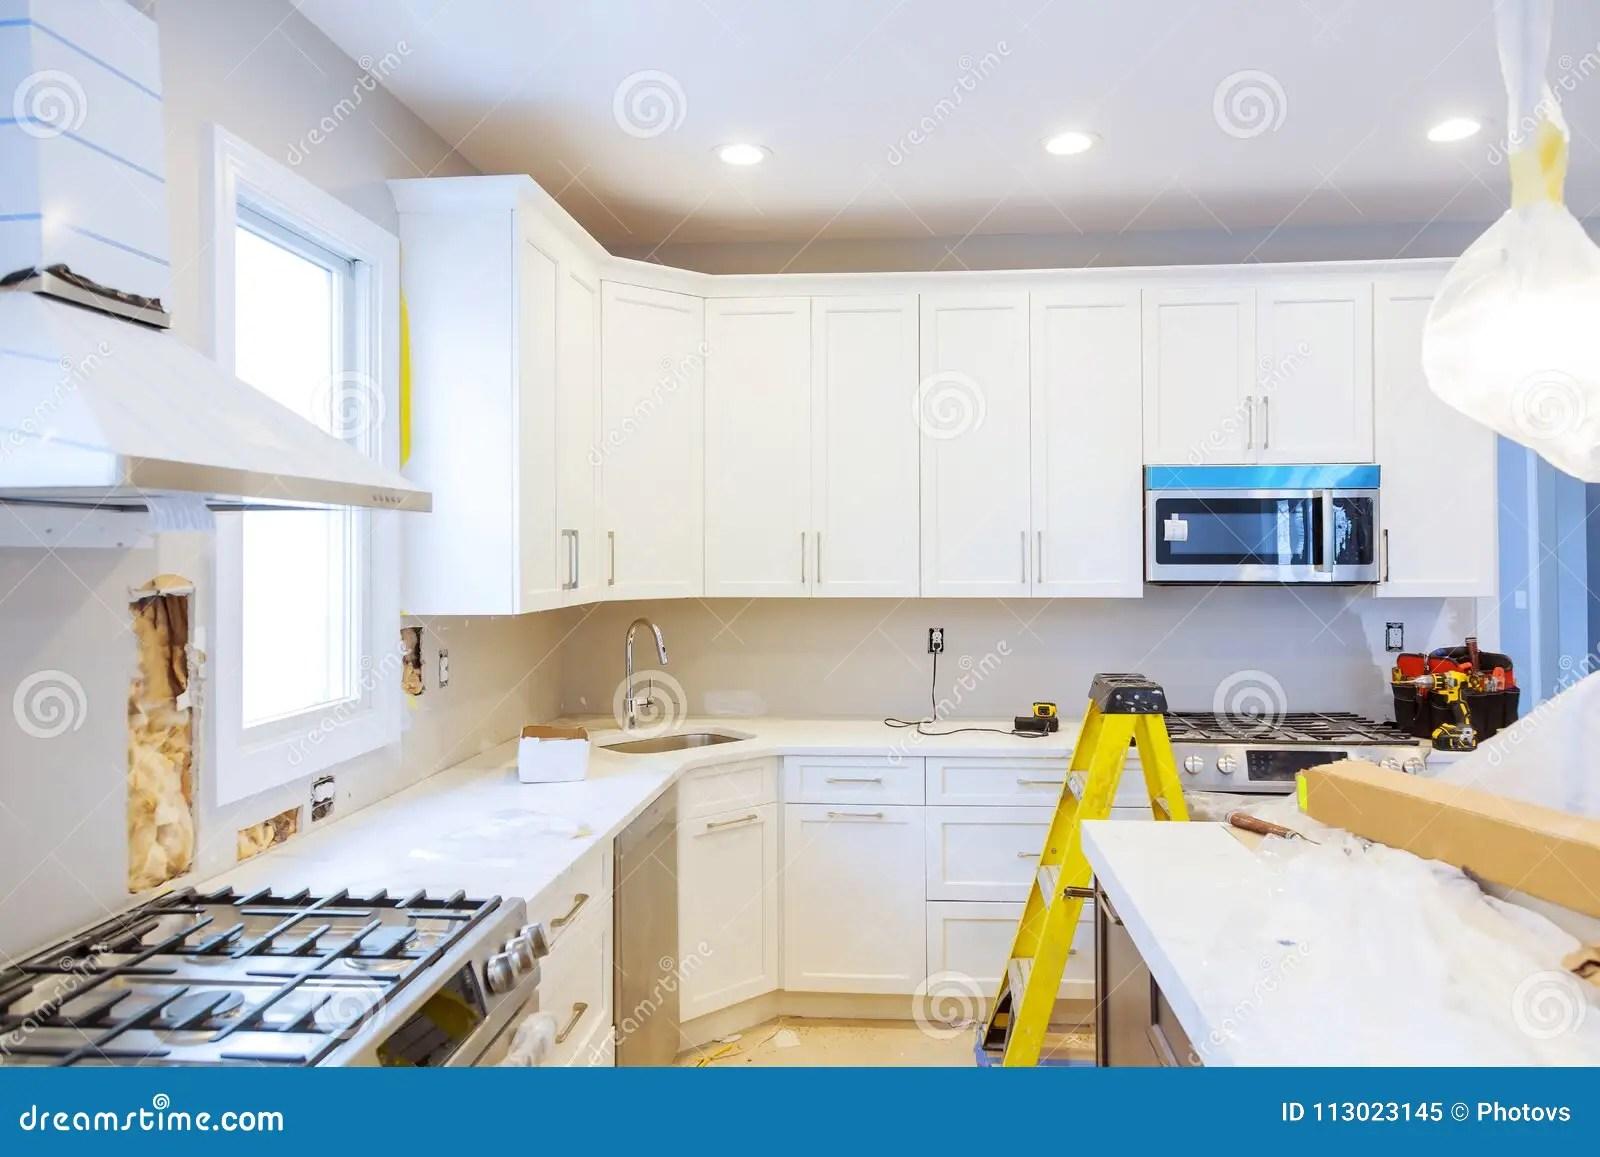 kitchen remodeling durable flooring 安装新的归纳滚刀在现代改善厨房改造库存图片 图片包括有建筑 更改 安装新的归纳滚刀在现代改善厨房改造